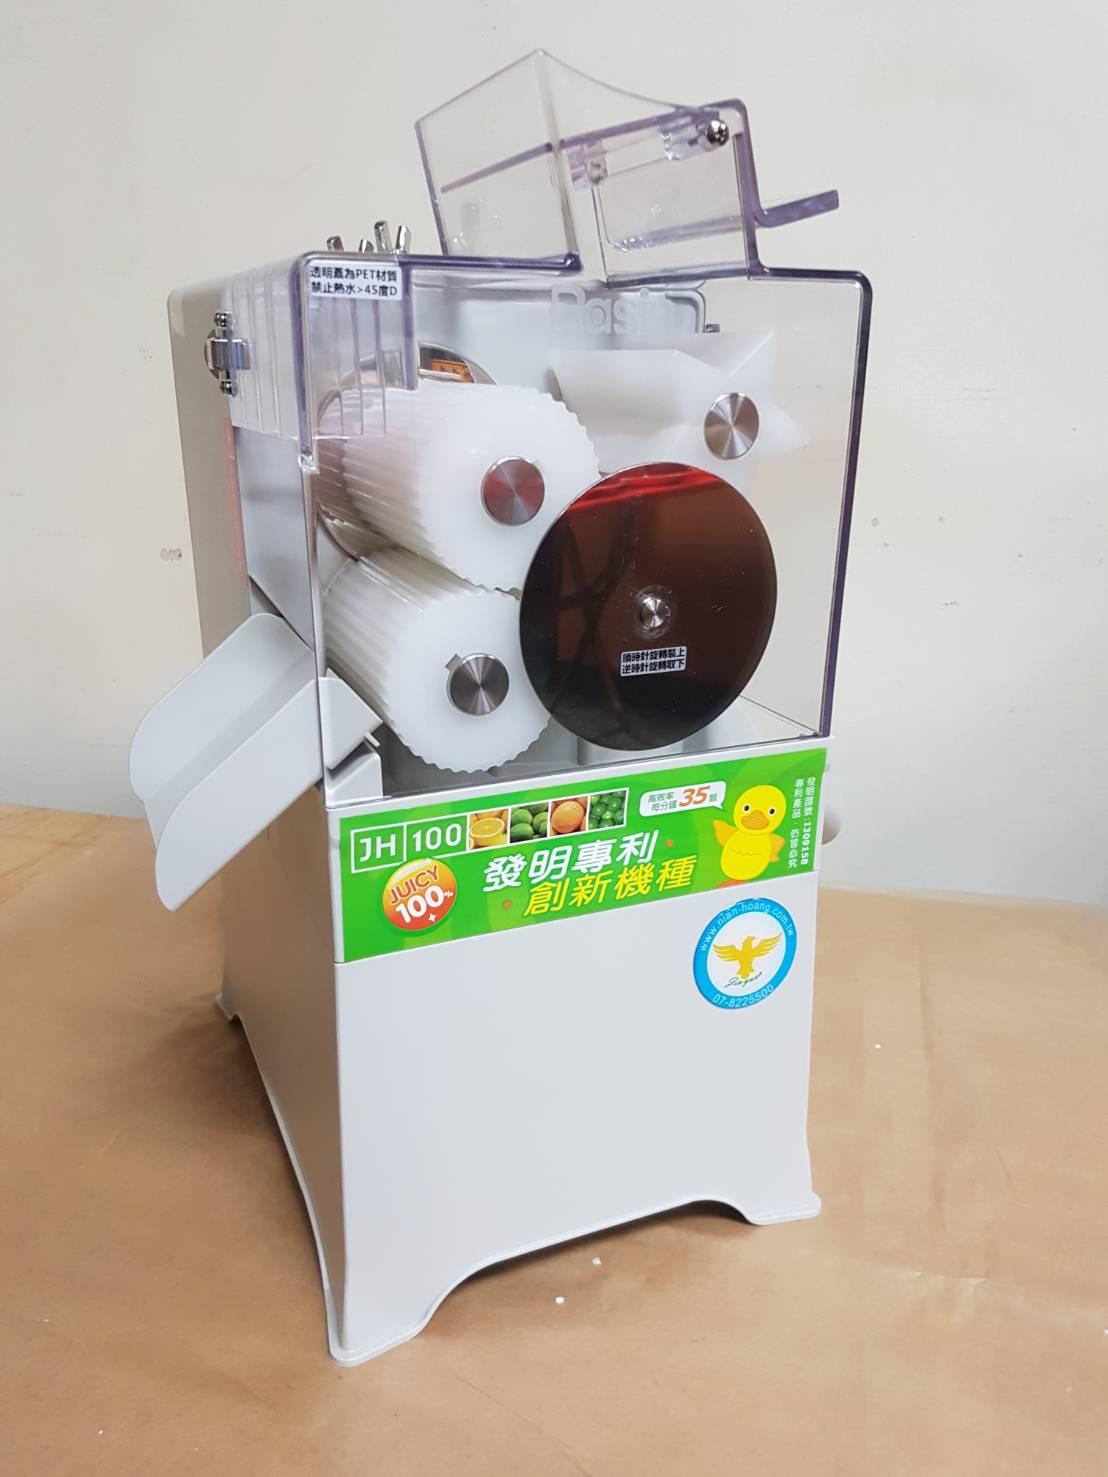 JH100柑橘類半自動榨汁機